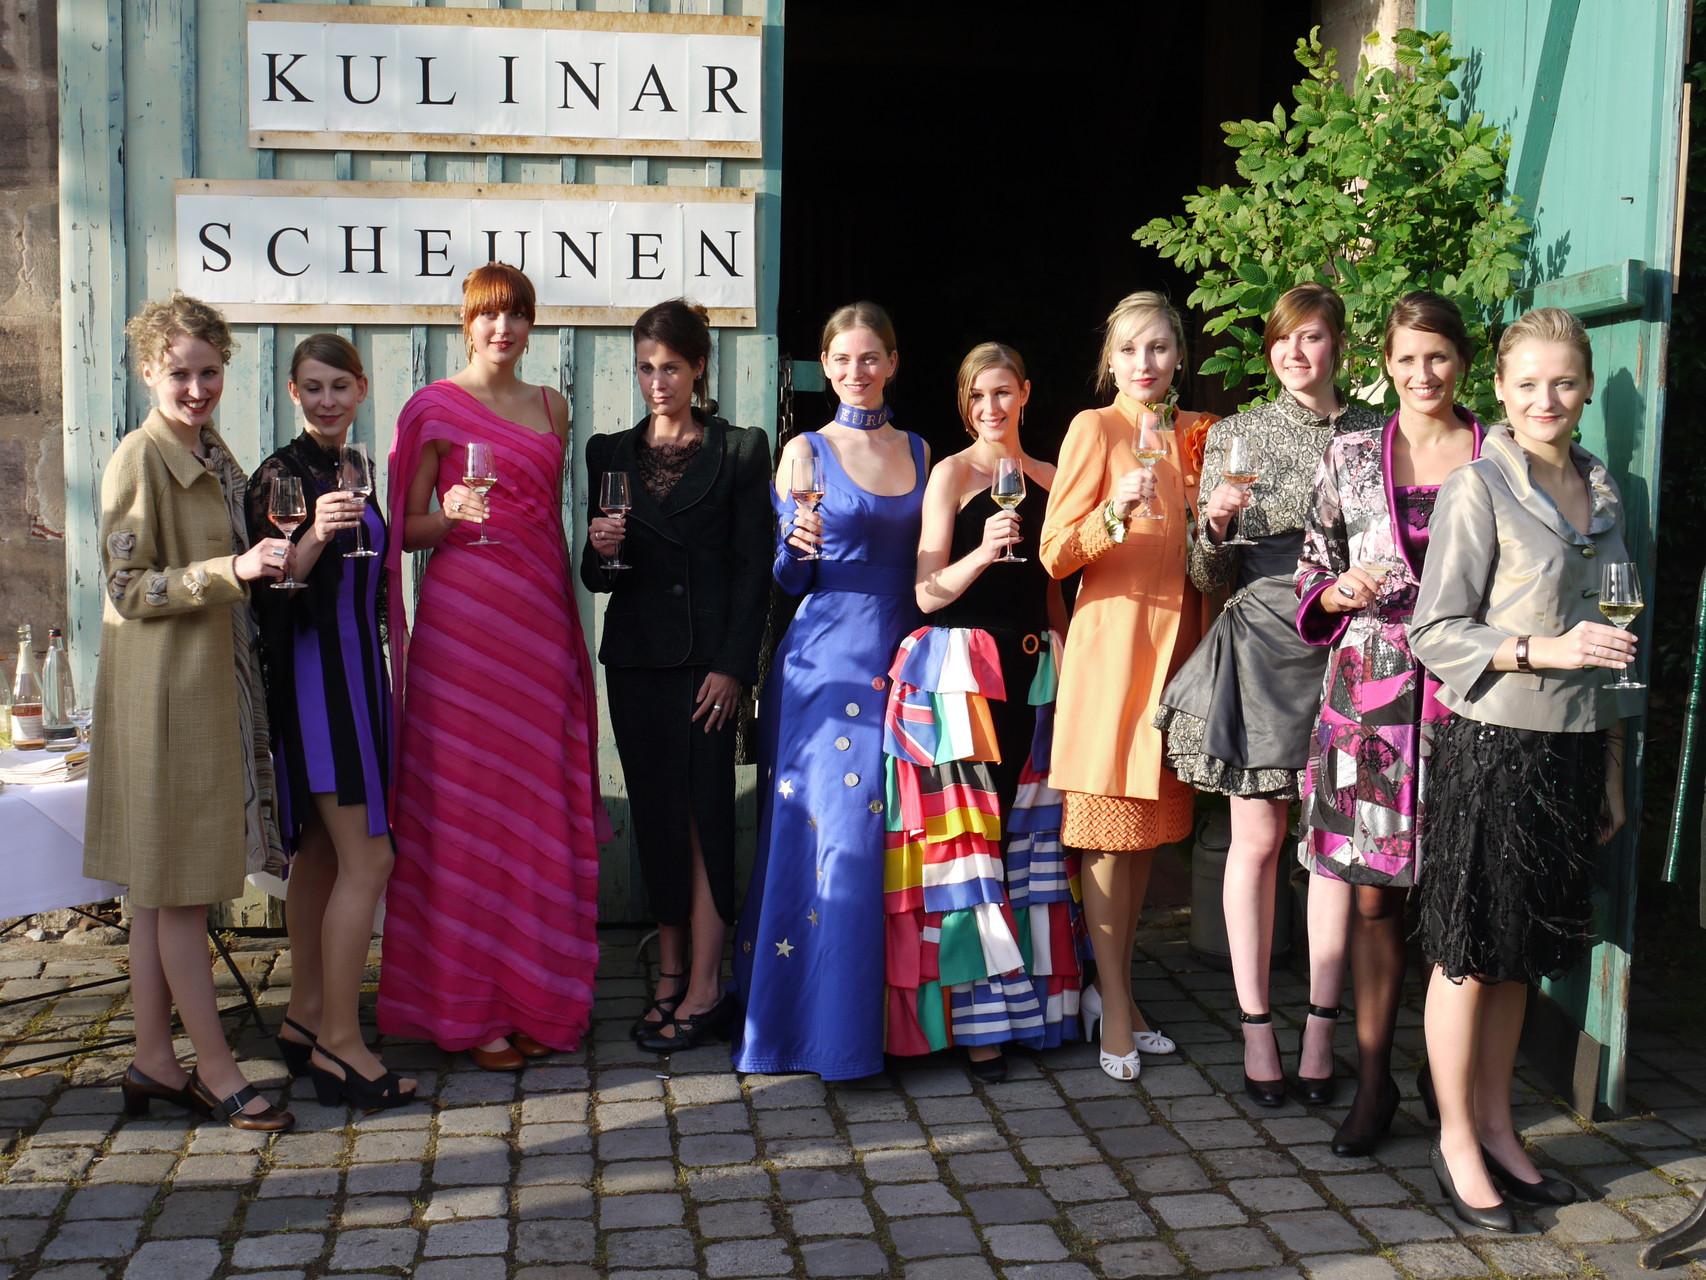 Die Models stoßen mit dem EAK zur Feier des Tages an.